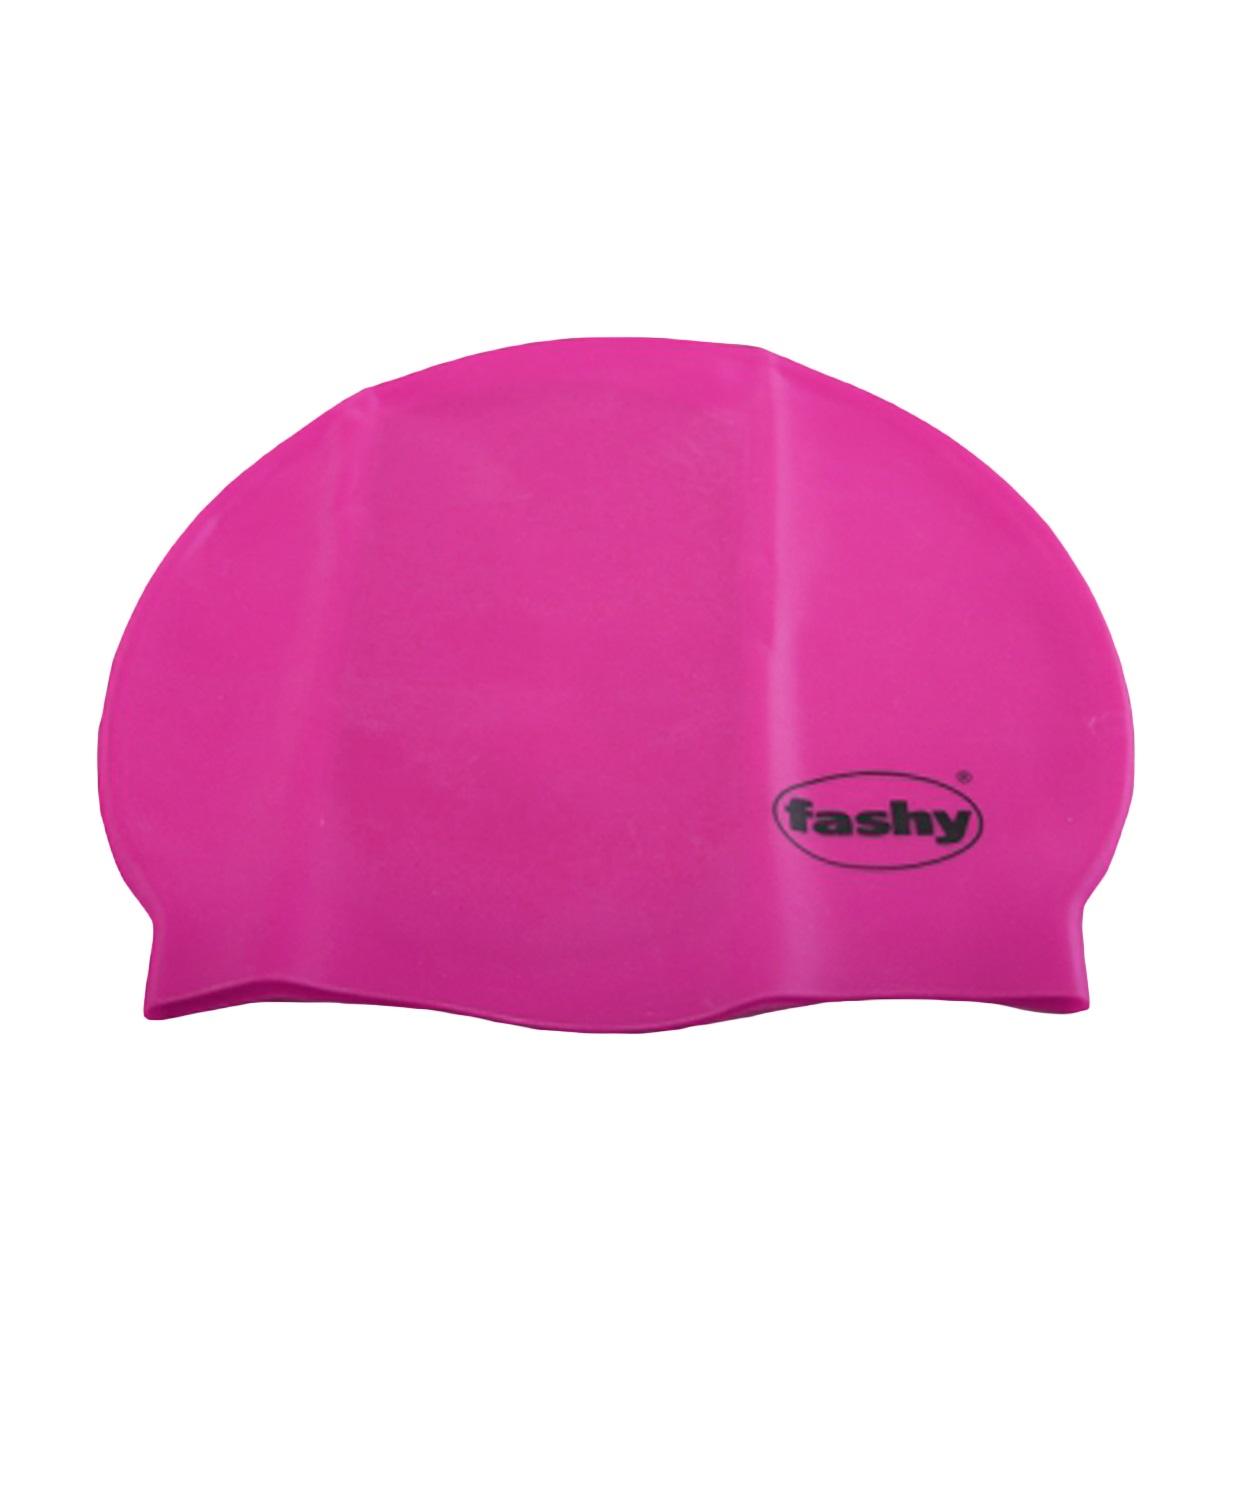 Шапочка для плавания Fashy Silicone Cap, 3040-43, розовый стоимость